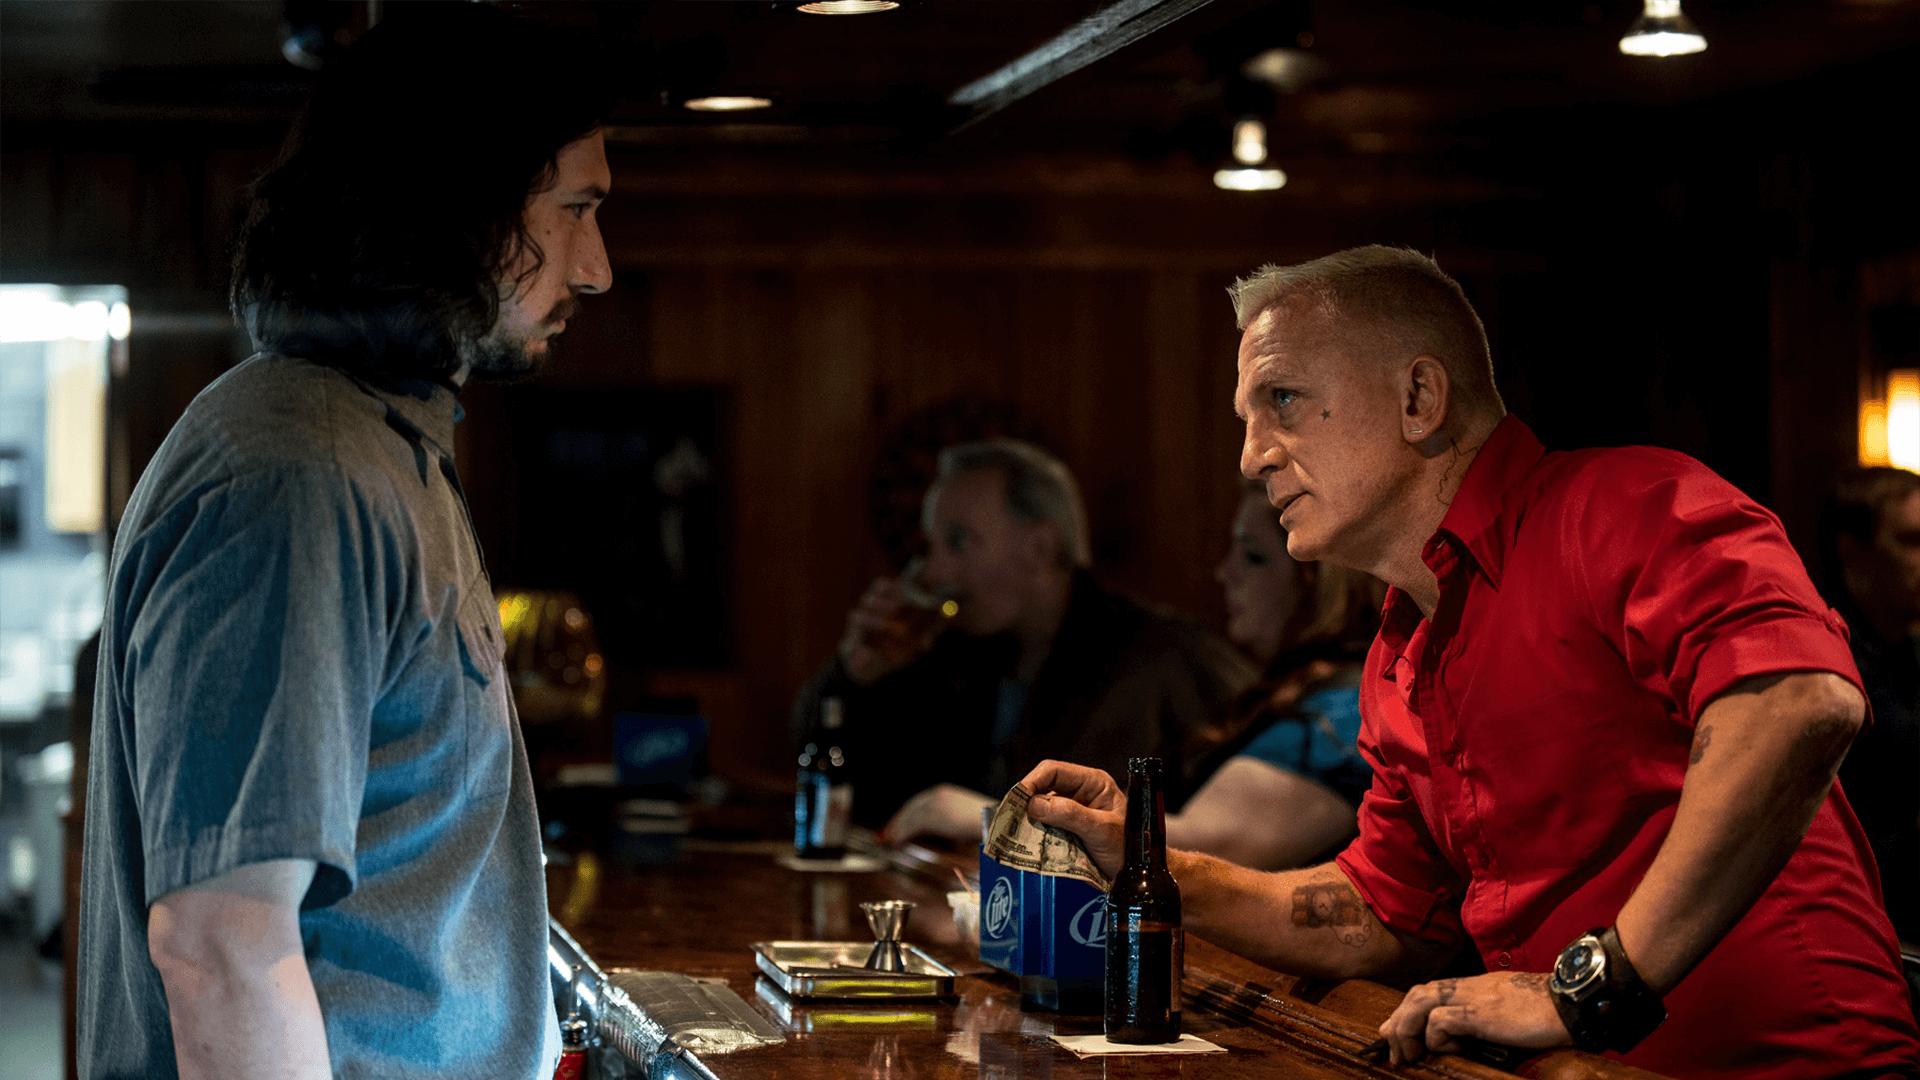 『ローガン・ラッキー』音楽担当で映画のテイストが分かる!?ソダーバーグ映画を支える音楽家たち